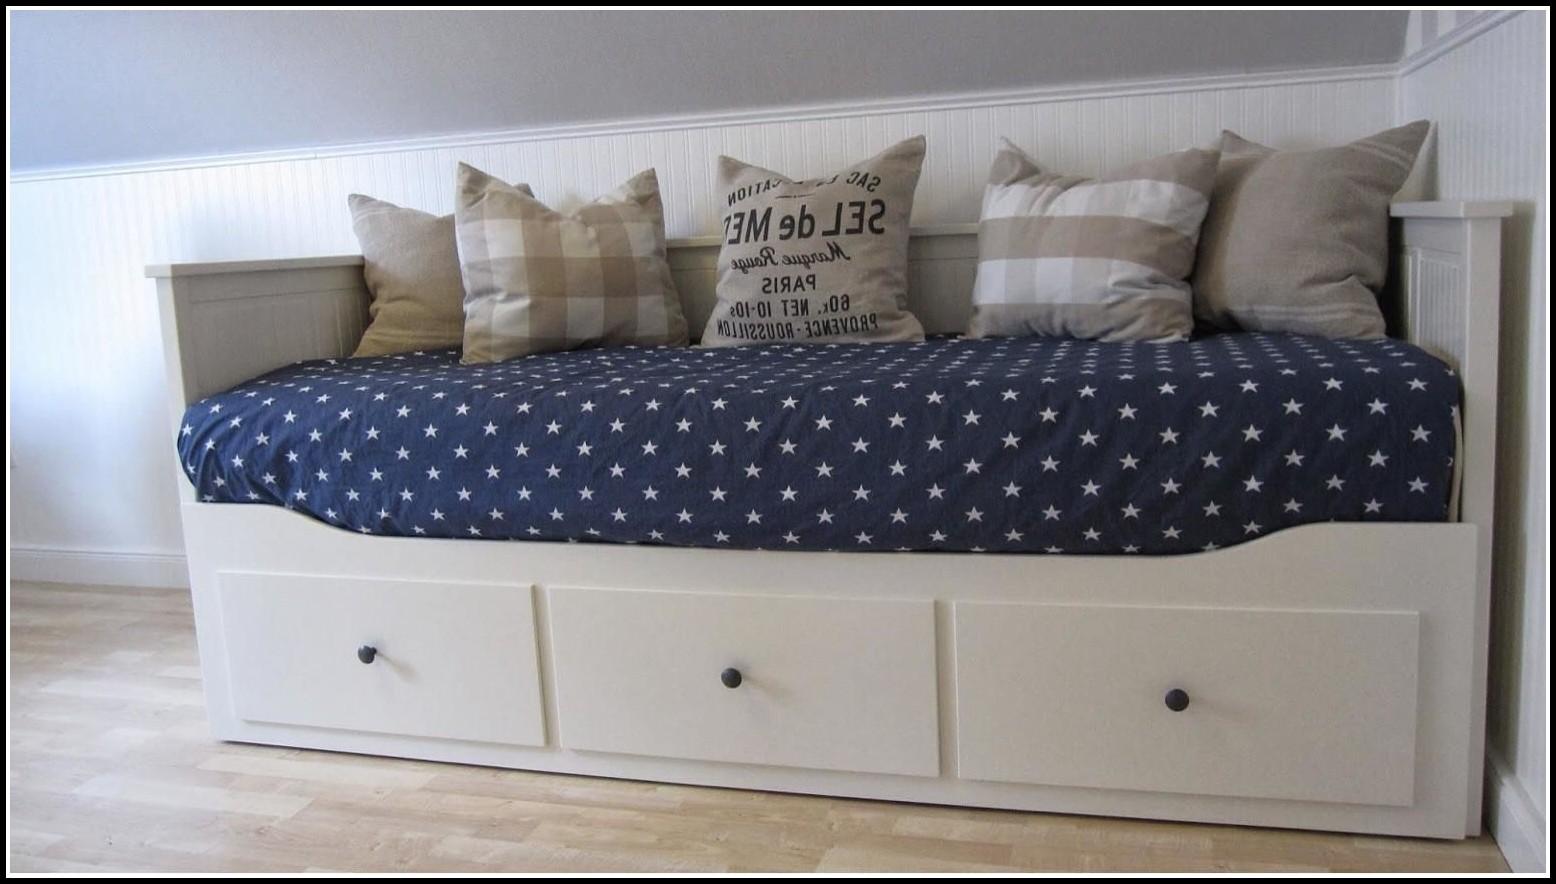 hemnes ikea bett gebraucht betten house und dekor galerie 3erodllkq5. Black Bedroom Furniture Sets. Home Design Ideas